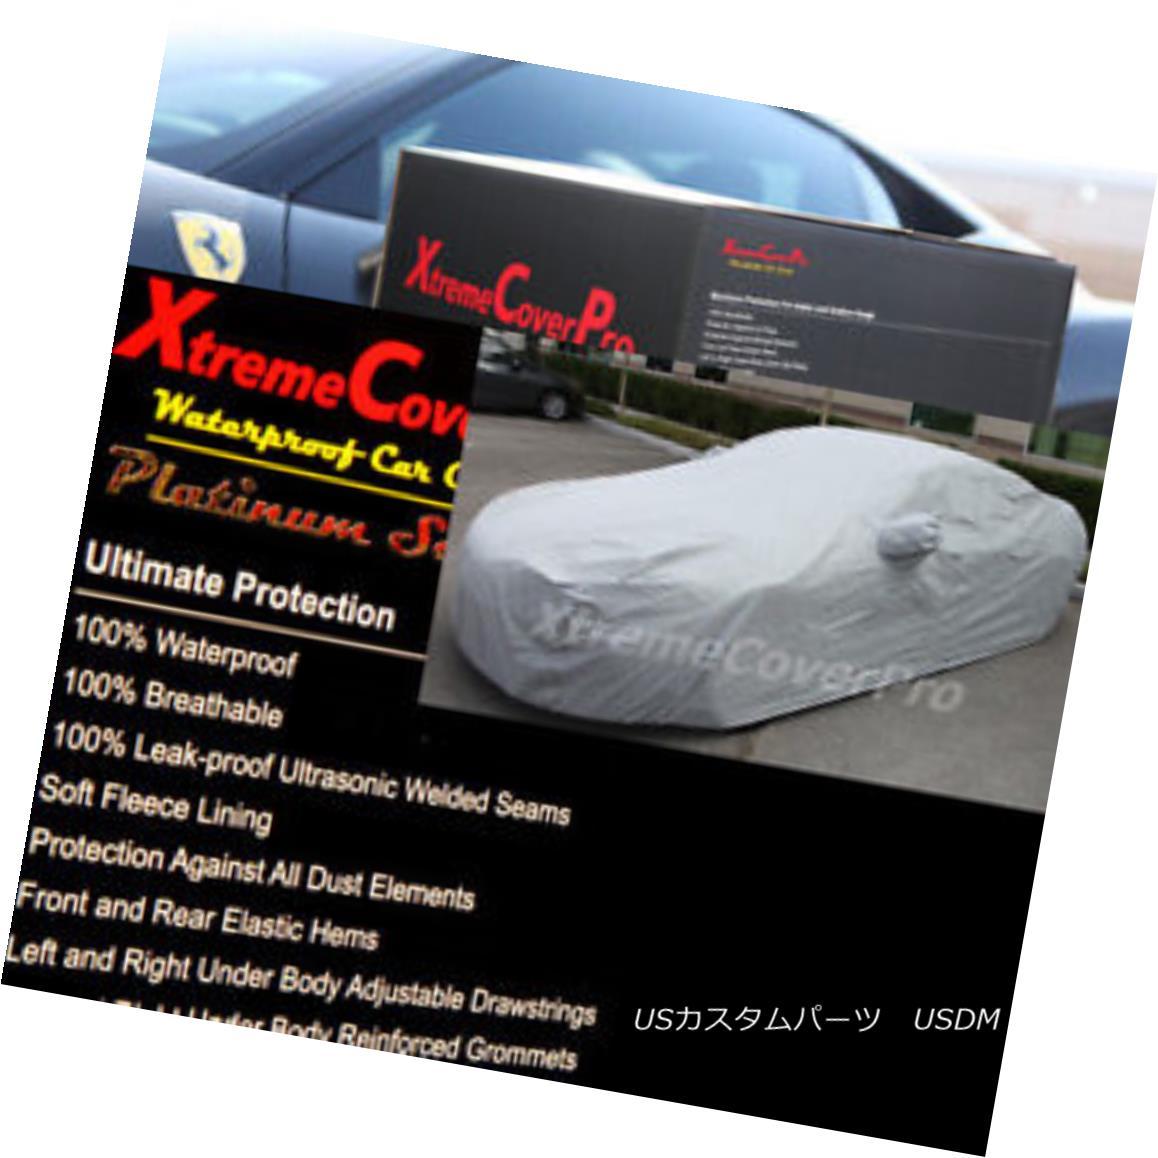 カーカバー 2004 2005 Subaru Impreza Sedan Waterproof Car Cover w/MirrorPocket 2004 2005スバルインプレッサセダン防水カーカバー(ミラーポケット付)